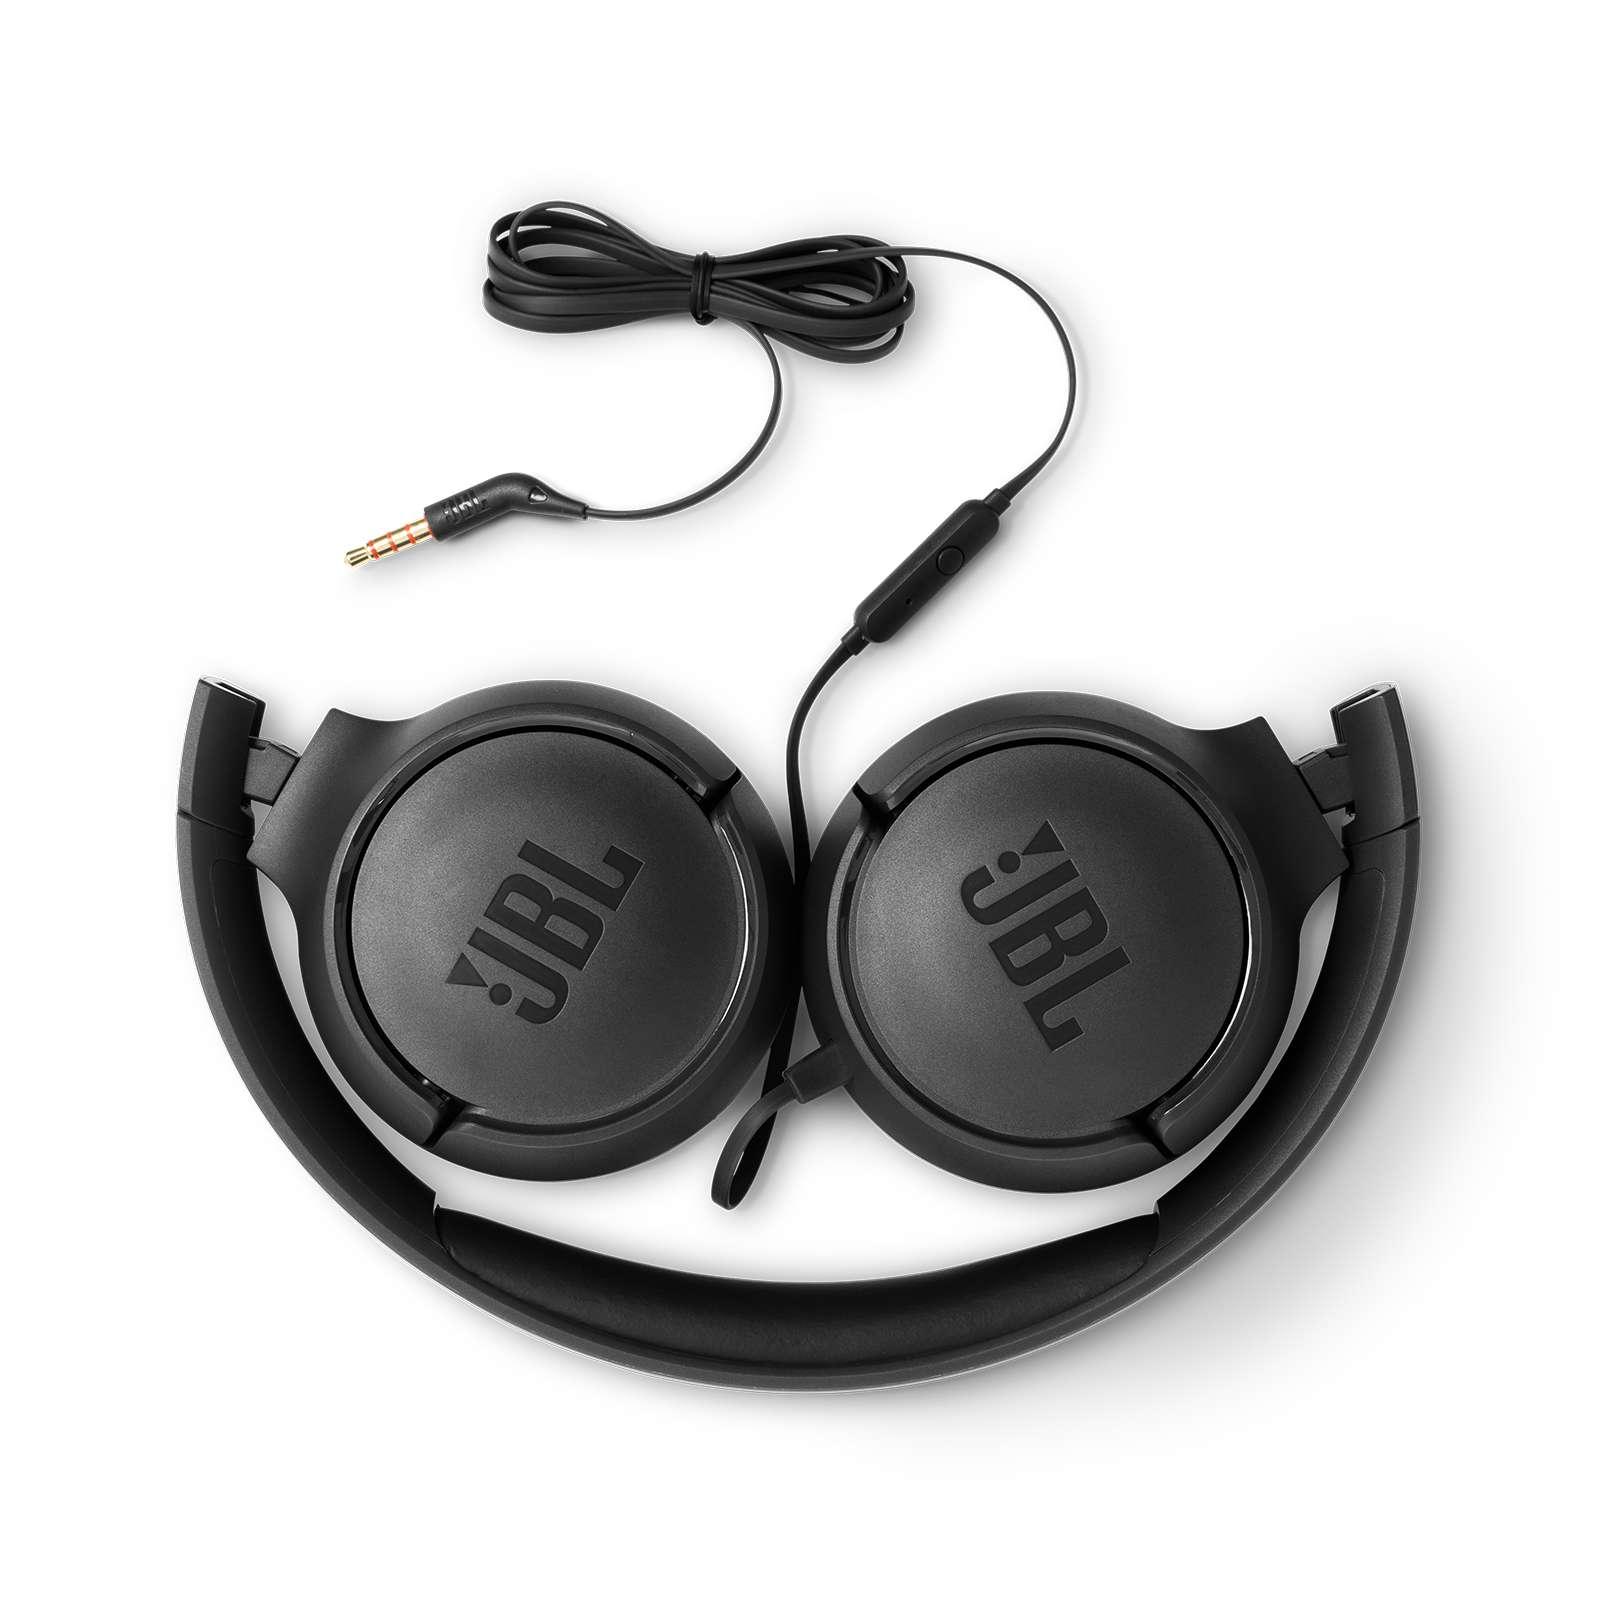 Fone de Ouvido JBL Tune 500 - Preto JBLT500BLK